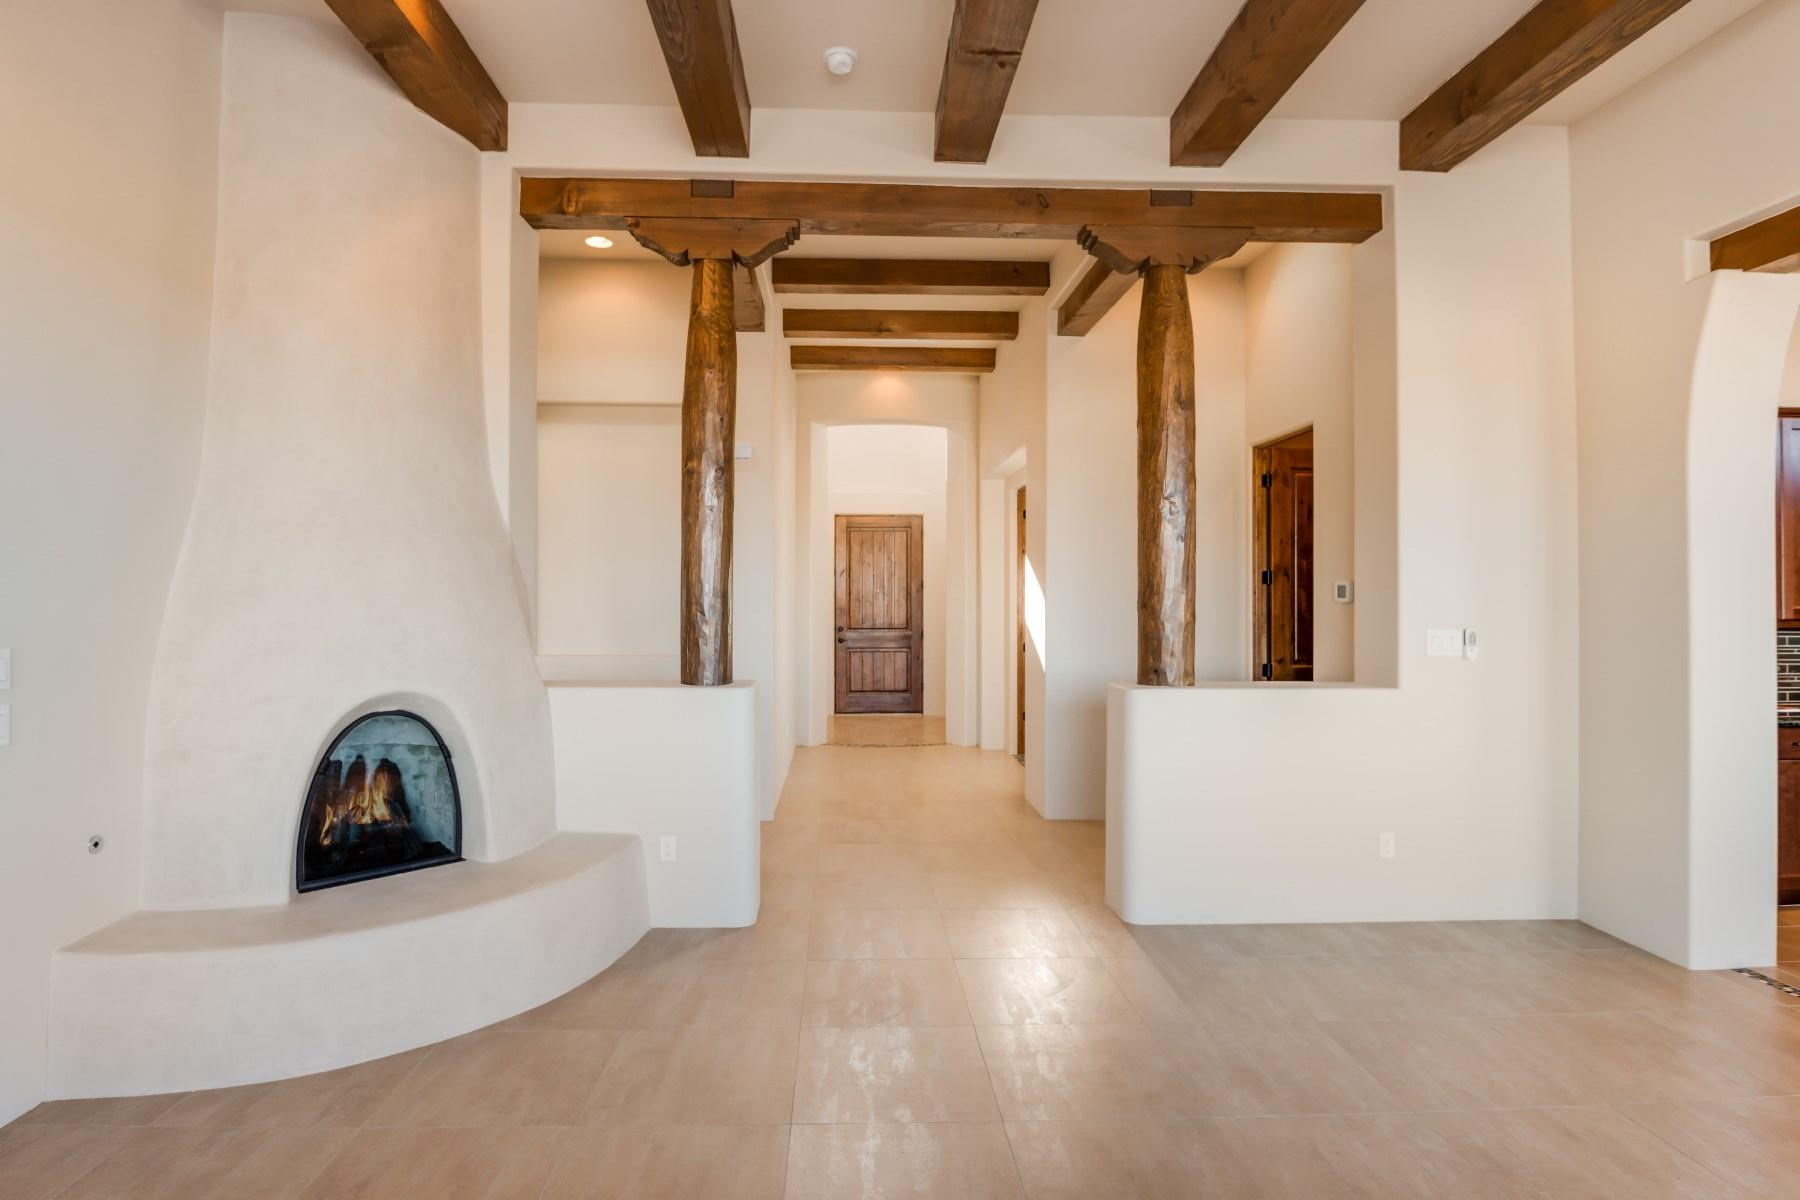 Single Family Home for Sale at 18 Camino de Colores Las Campanas & Los Santeros, Santa Fe, New Mexico, 87506 United States